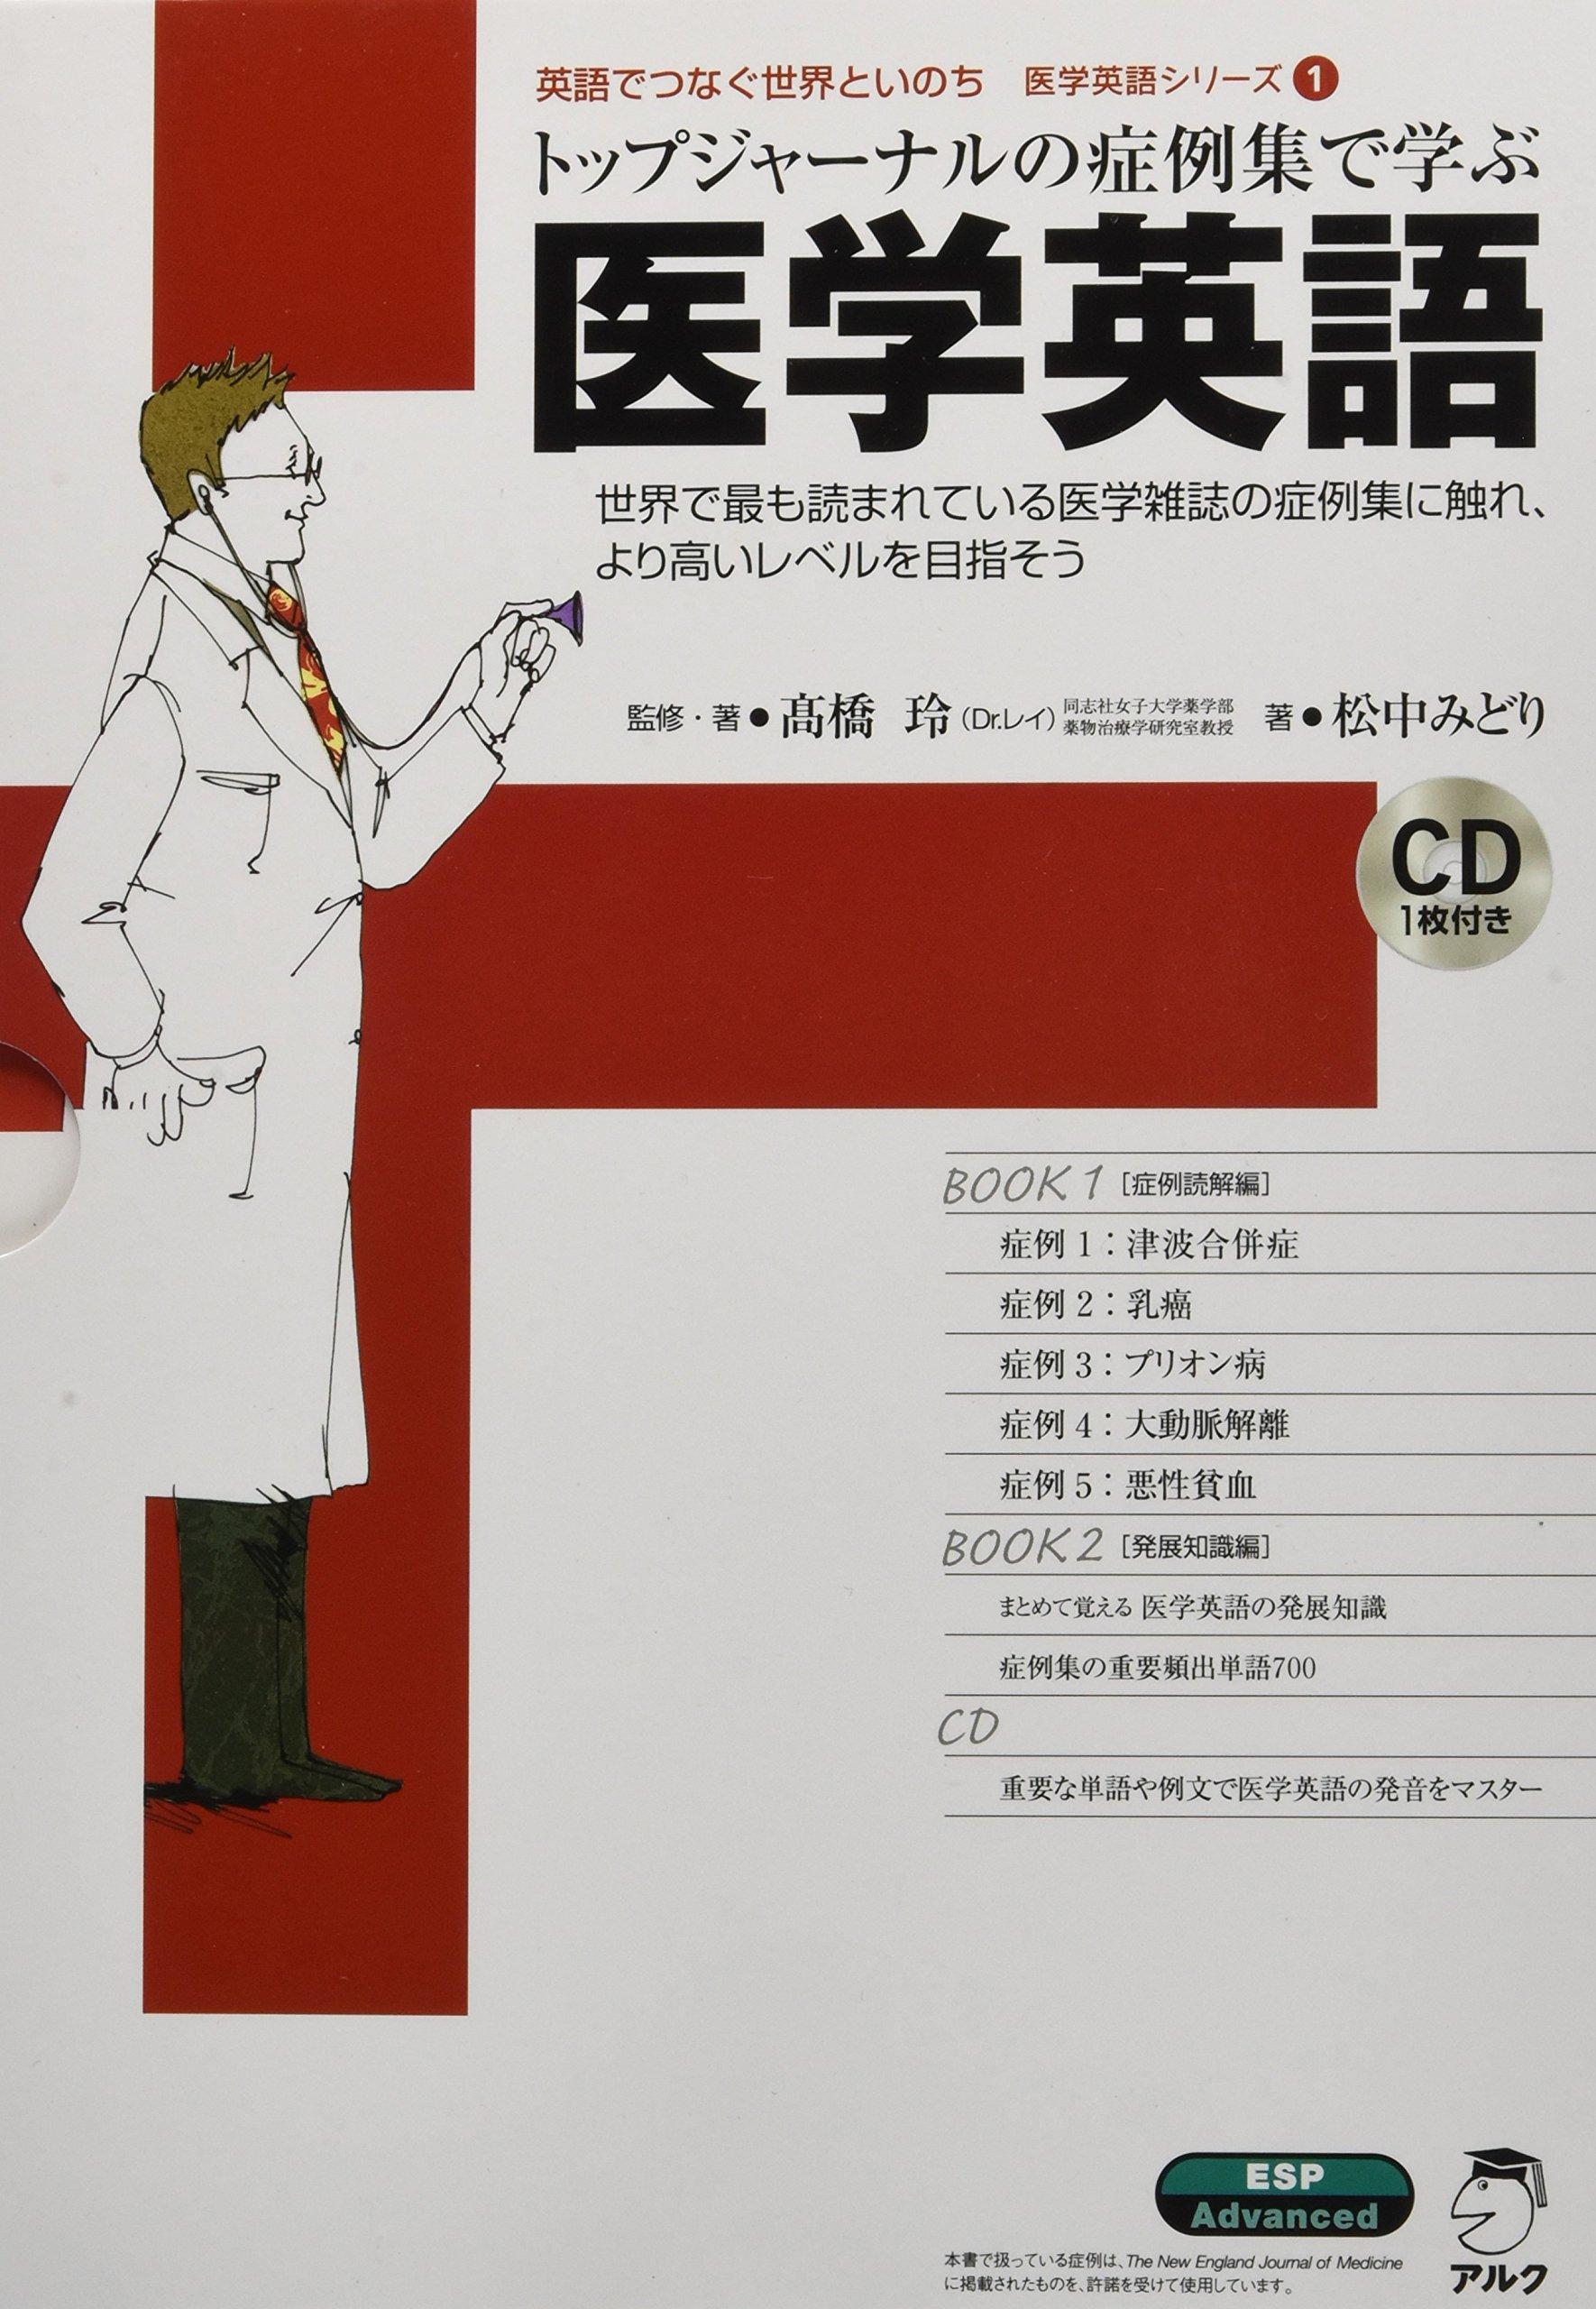 Toppu jānaru no shōreishū de manabu igaku eigo PDF